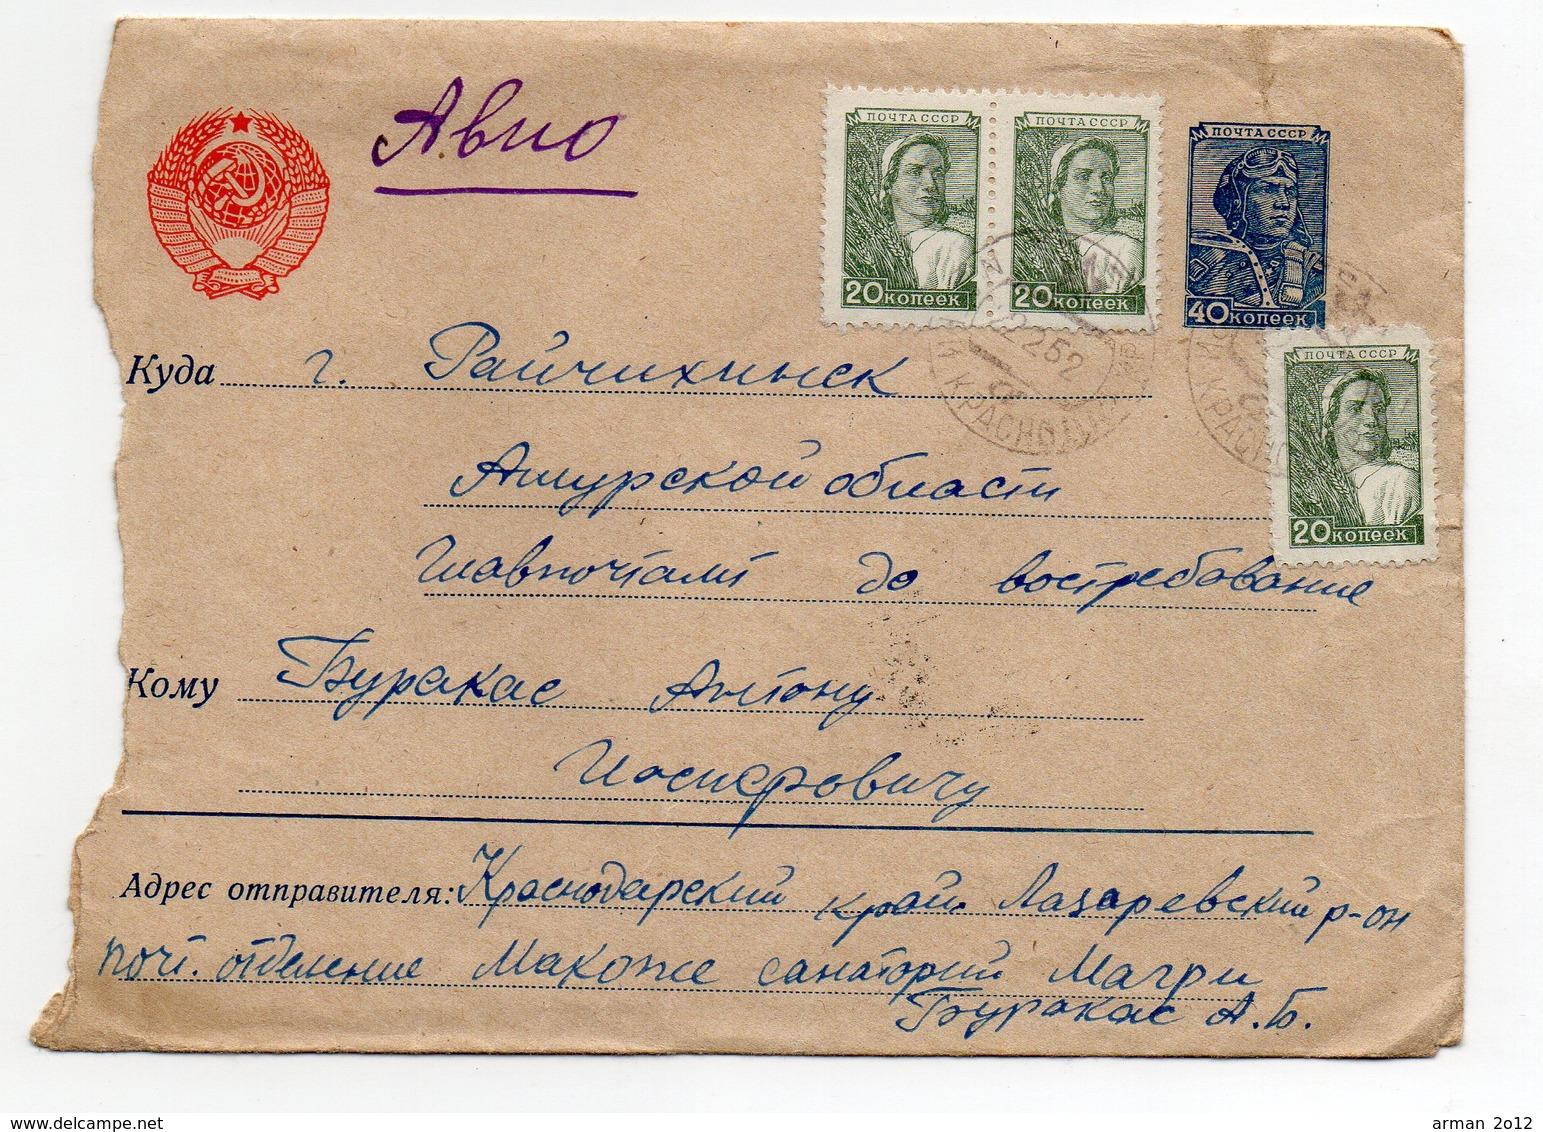 Air Mail Sanatorium Magri Krasnodar Region Raychikhinsk Amur Region 1952 - Covers & Documents